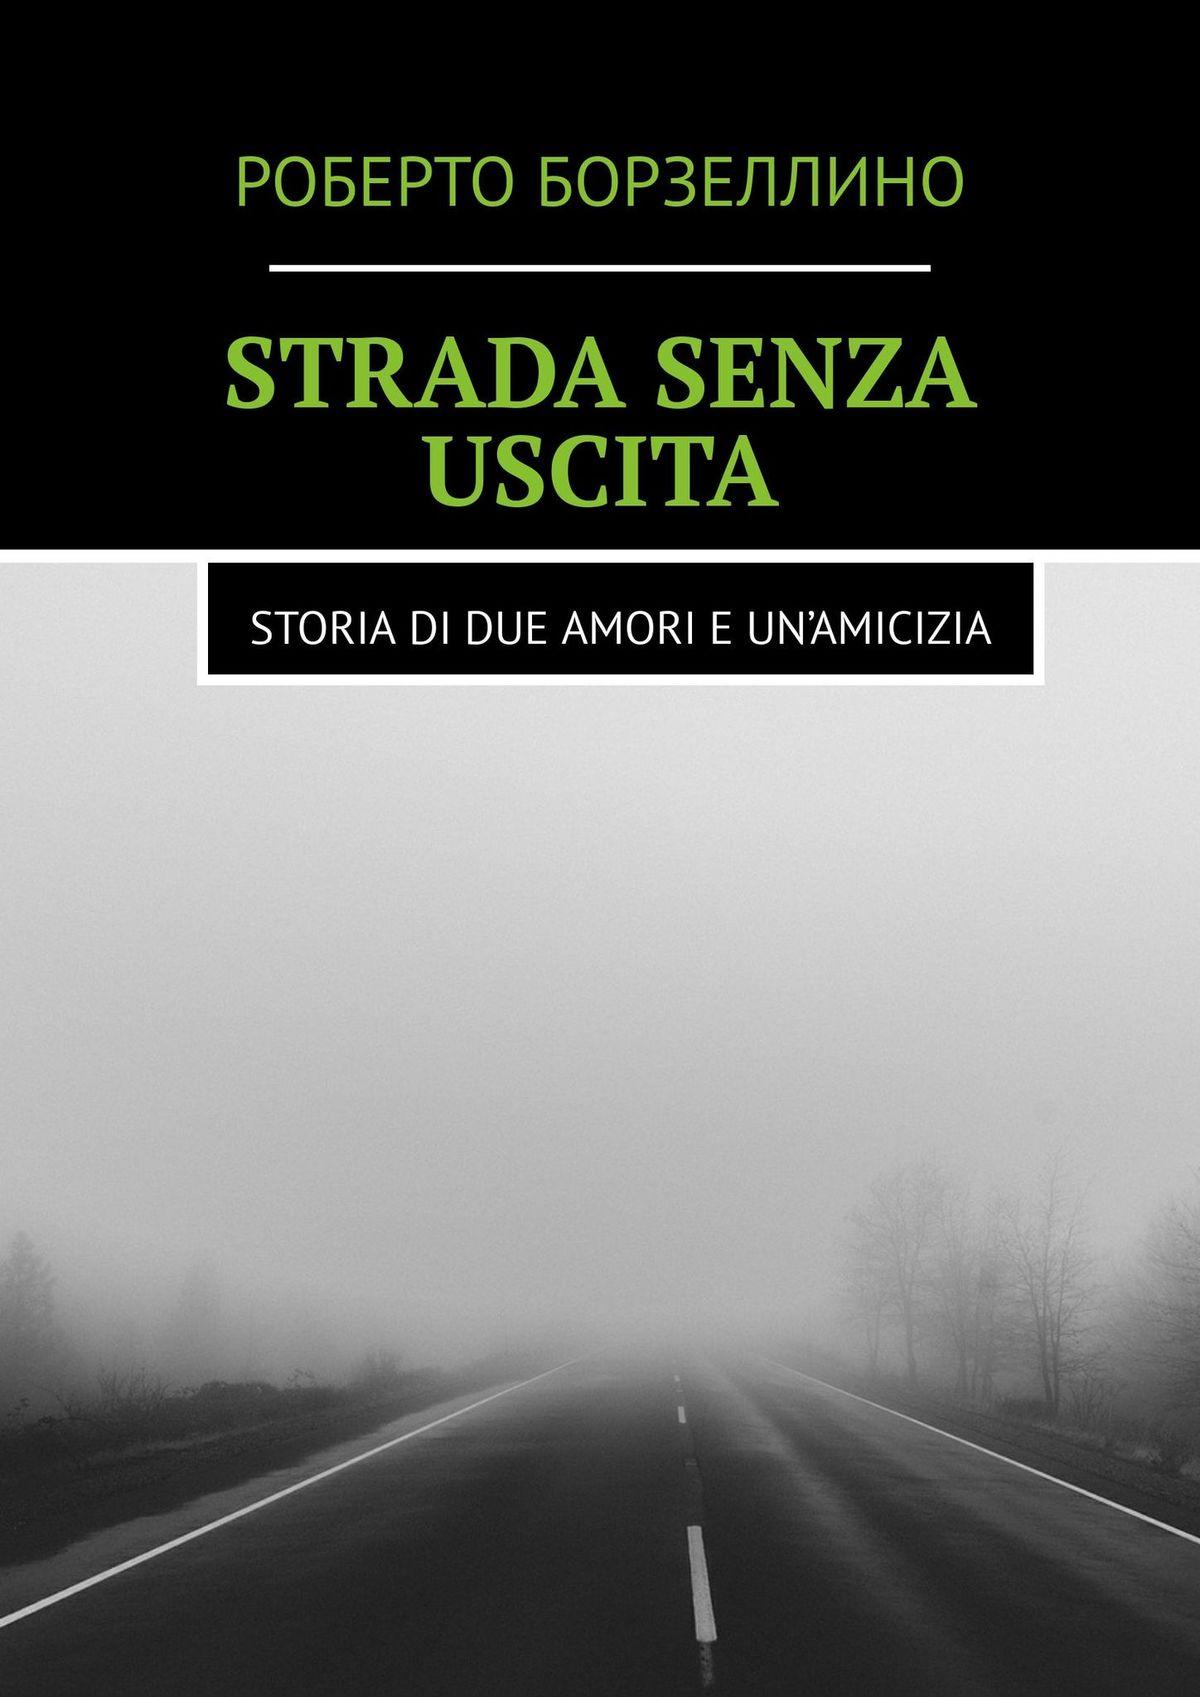 Роберто Борзеллино Strada senza uscita. Storia di due amori e un'amicizia